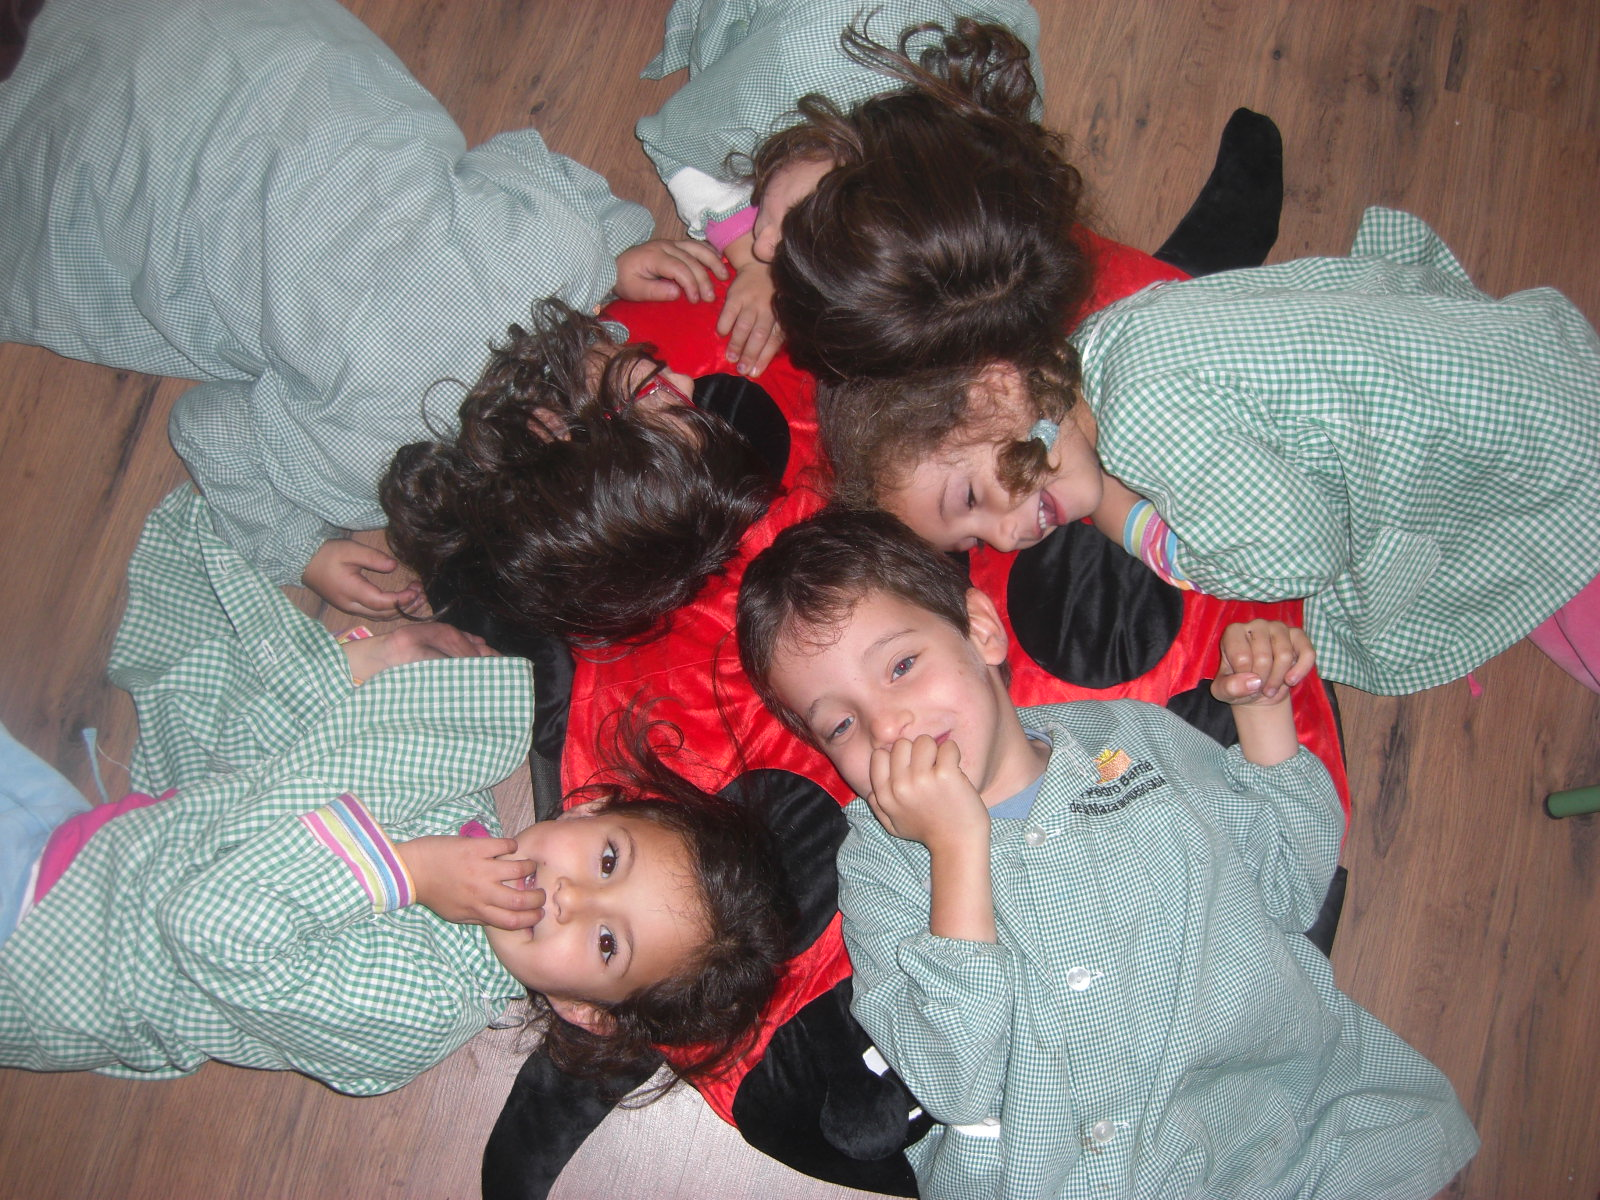 beneficios de la Inclusión Escolar para todos los niños y para la sociedad